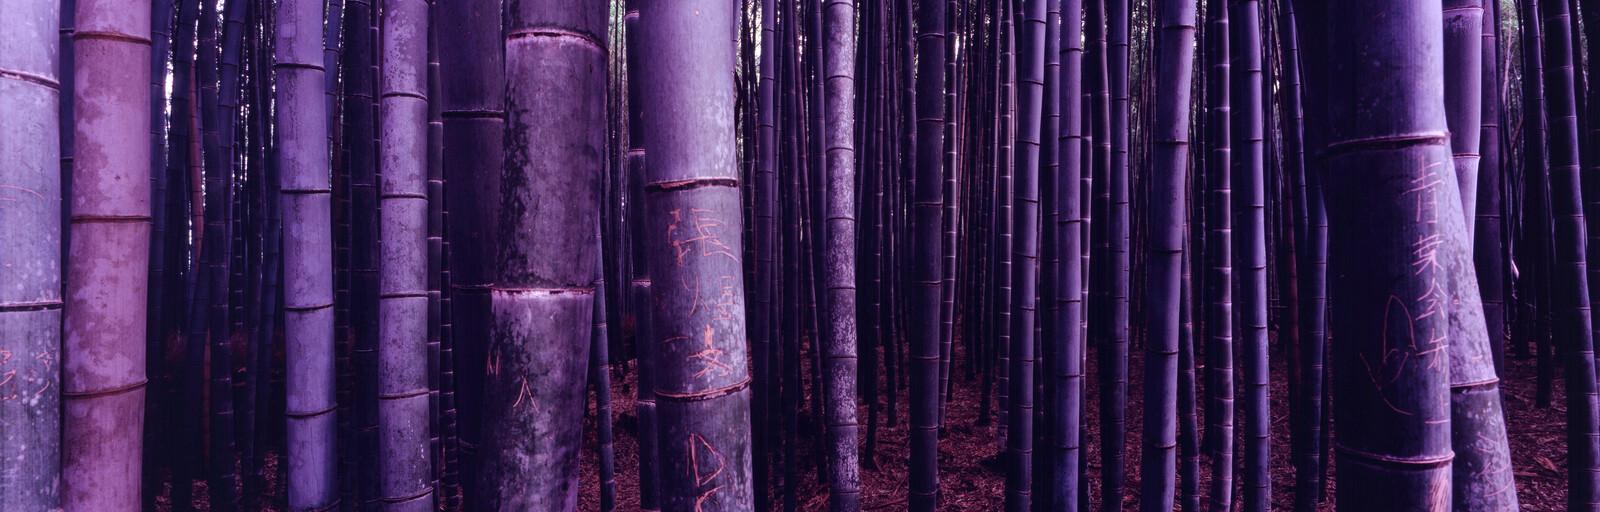 Bambus (Arashiyama) - Farin Urlaub